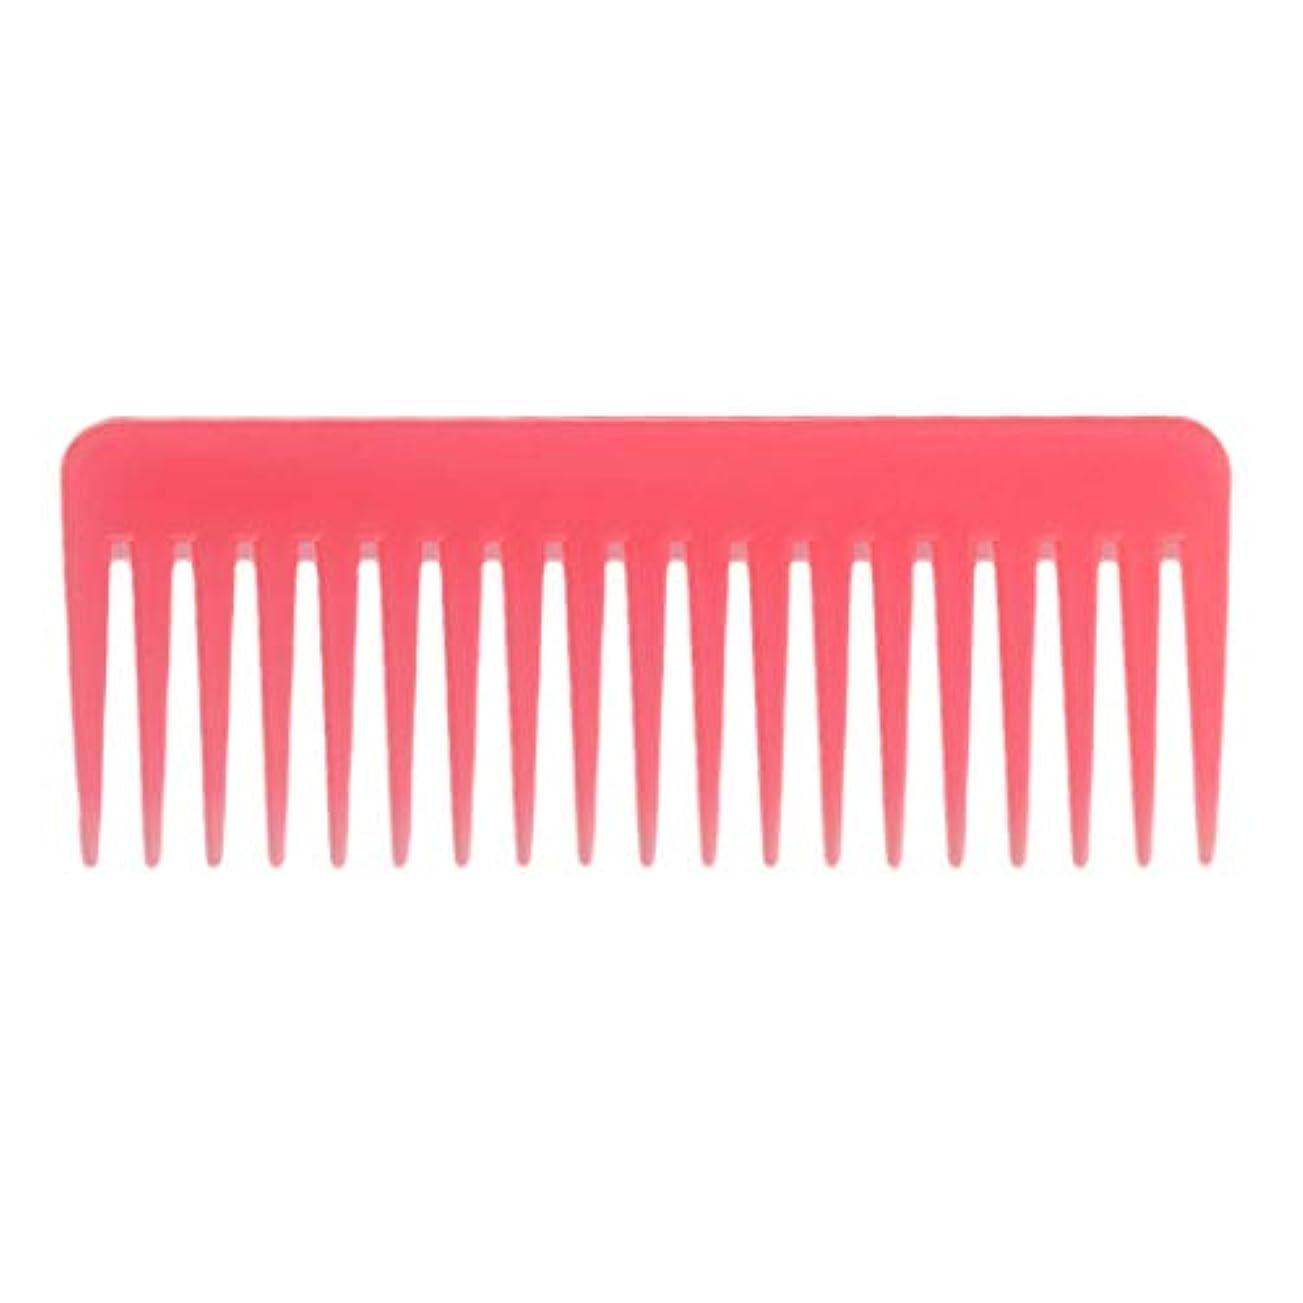 再生的自動あなたは巻き毛の太い髪用の広い歯のもつれのくしサロンシャンプーヘアブラシくし、6.1 ' - ピンク